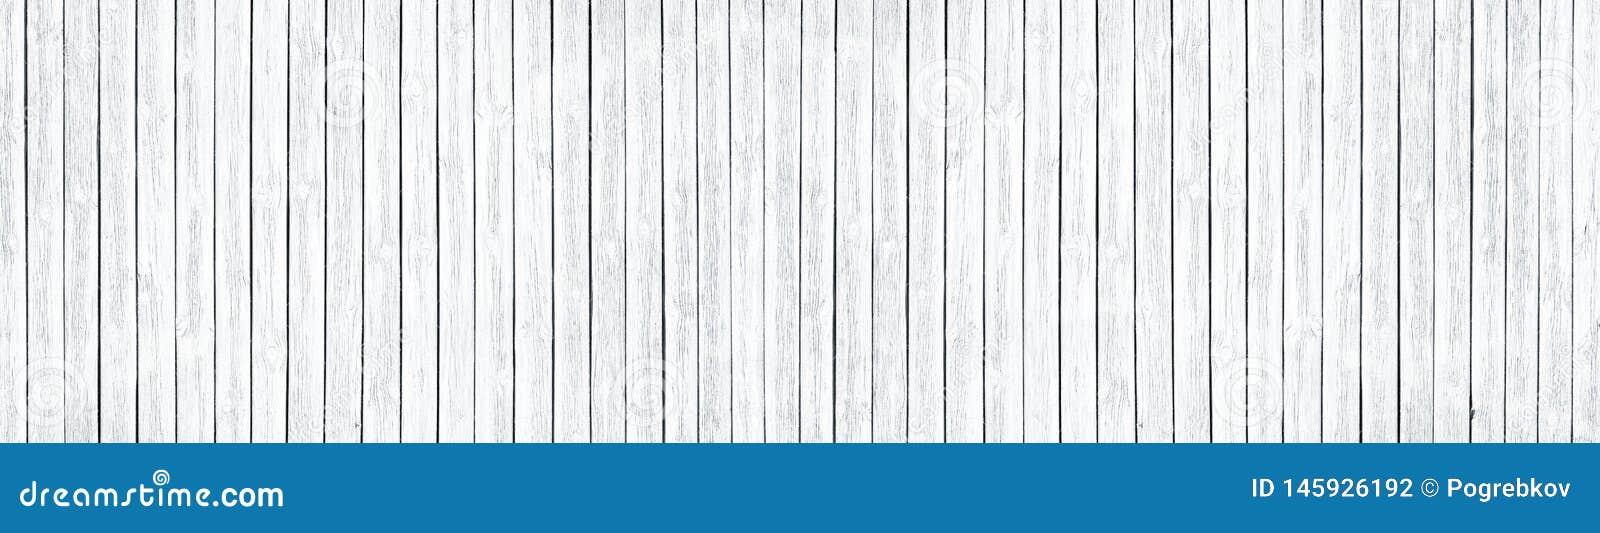 Ευρέως άσπρη παλαιά με κόμπους ξύλινη σύσταση Ασπρισμένοι ξύλινοι πίνακες Shabby κομψό πανοραμικό υπόβαθρο